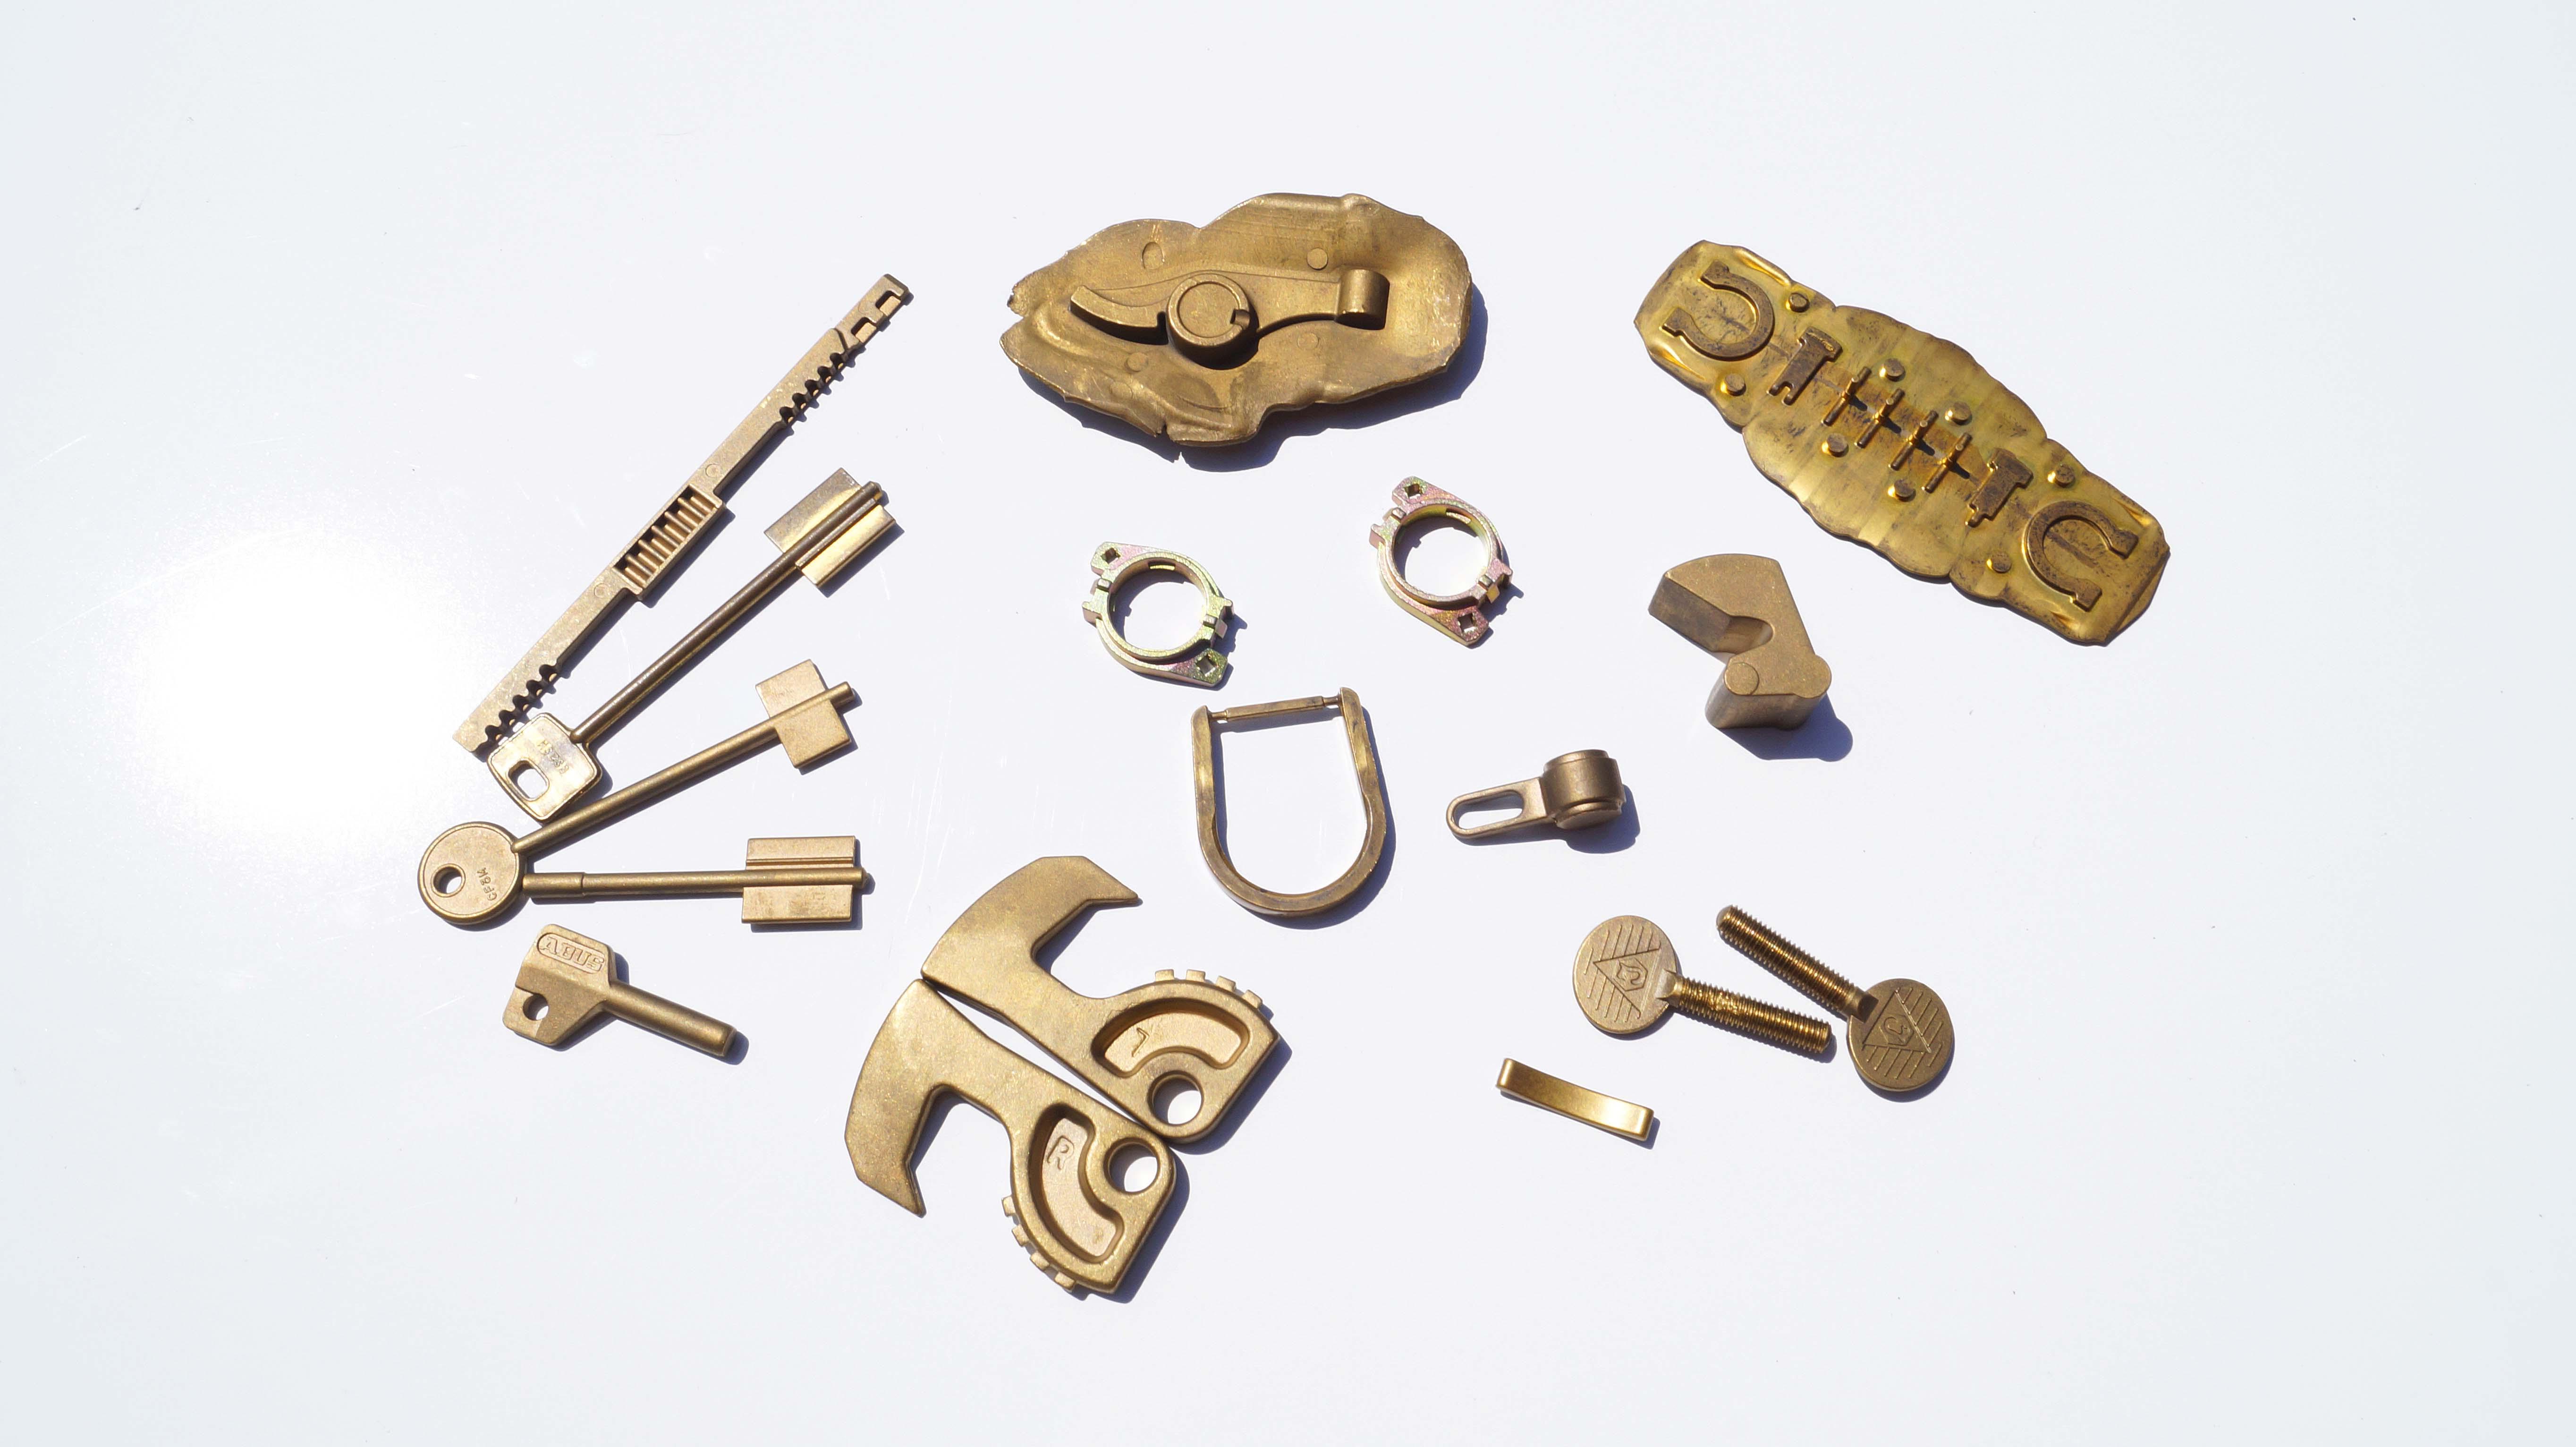 Esempi di stampaggio chiavi in ottone, fibbie e accessori settore moda